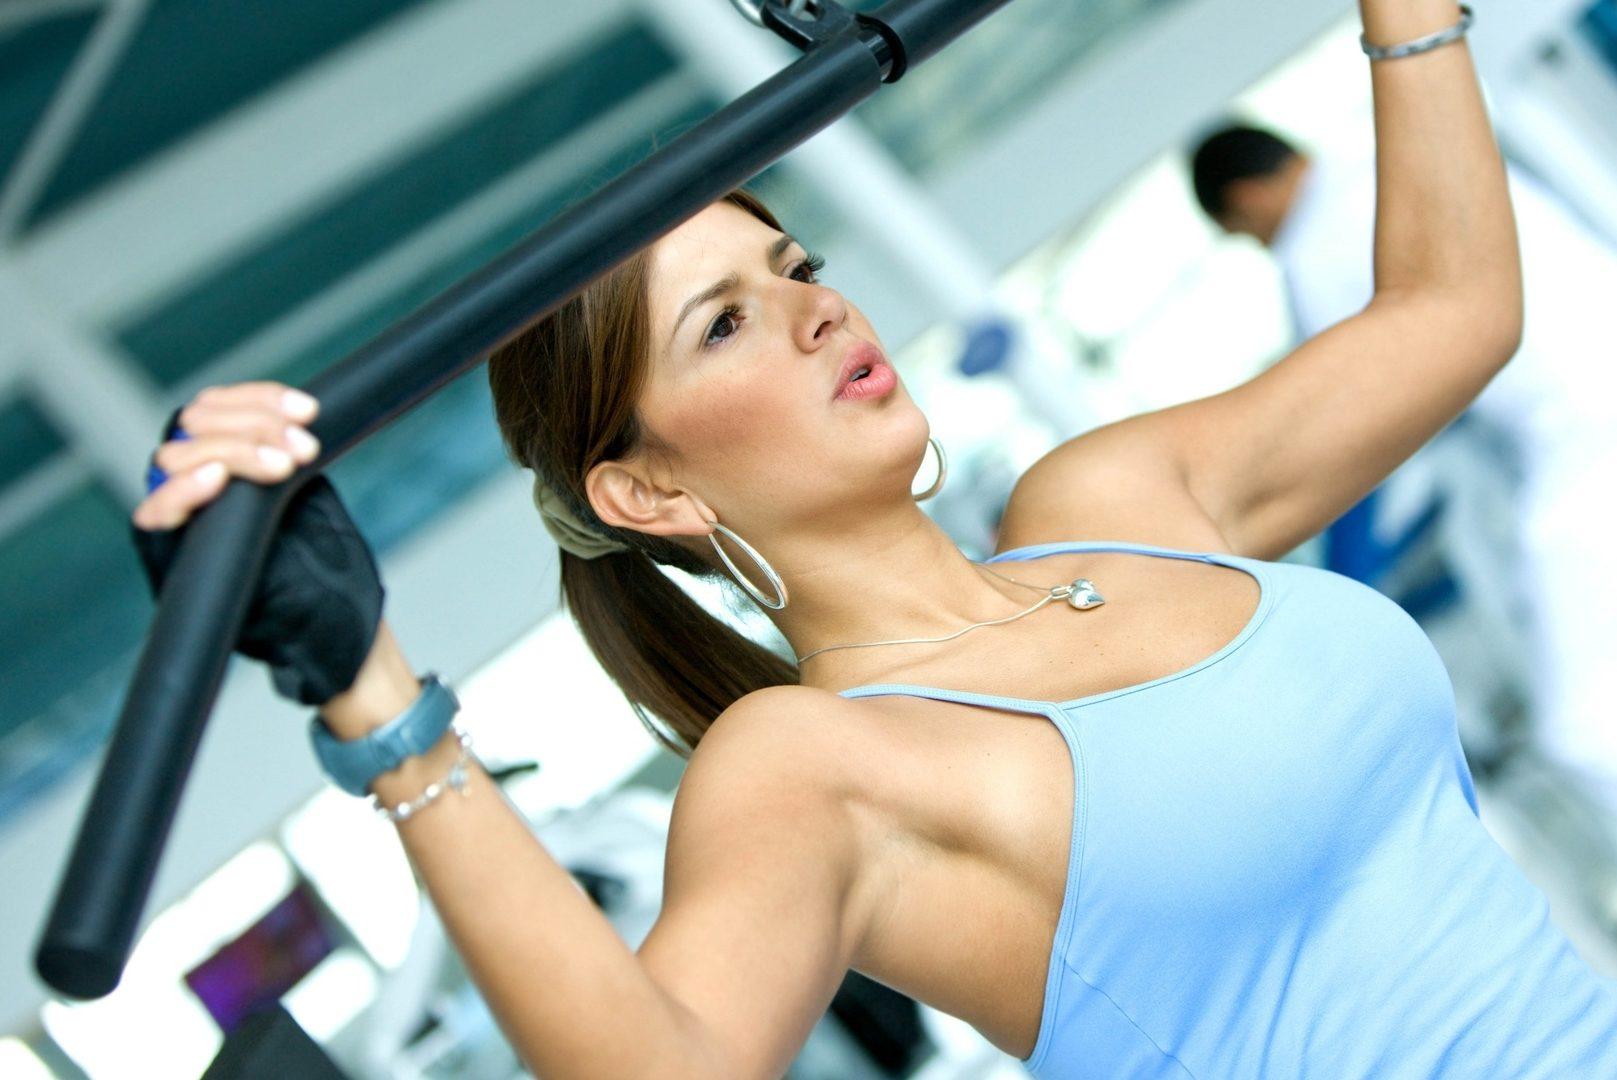 Як самостійно скласти програму тренувань у спортзалі